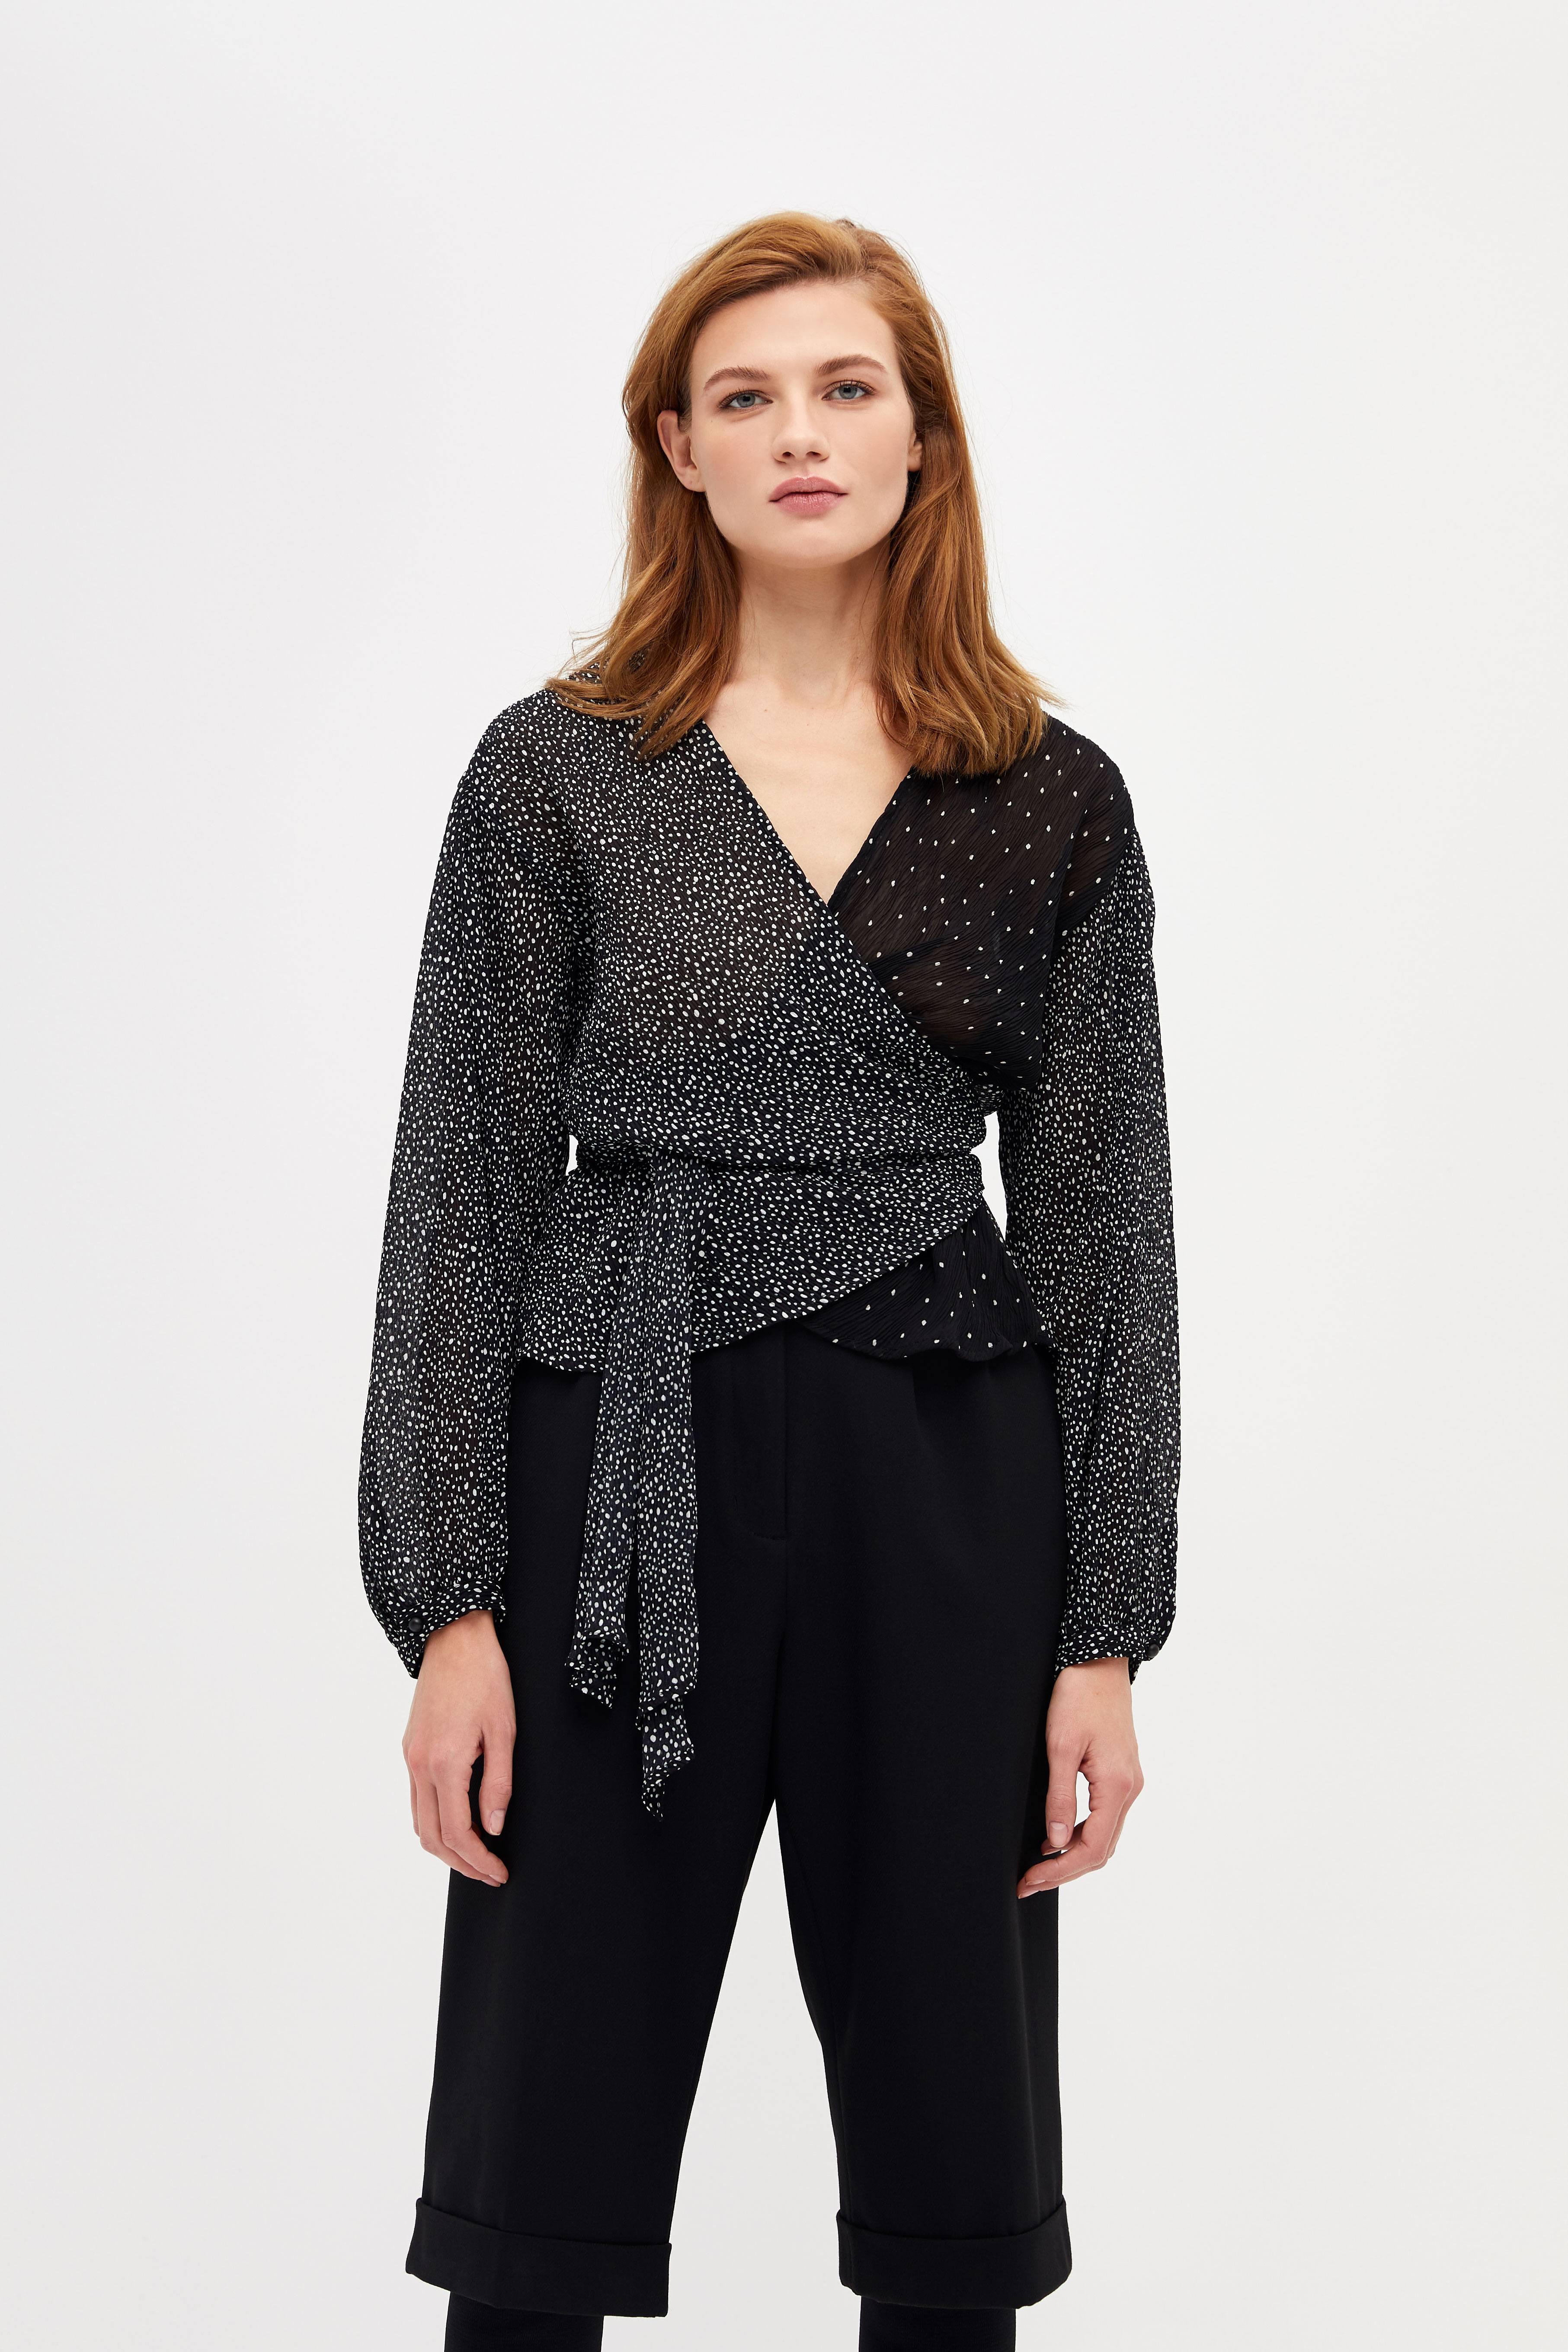 Блузка LIME Приталенная блузка на завязках блузка lime блузка с эластичной талией